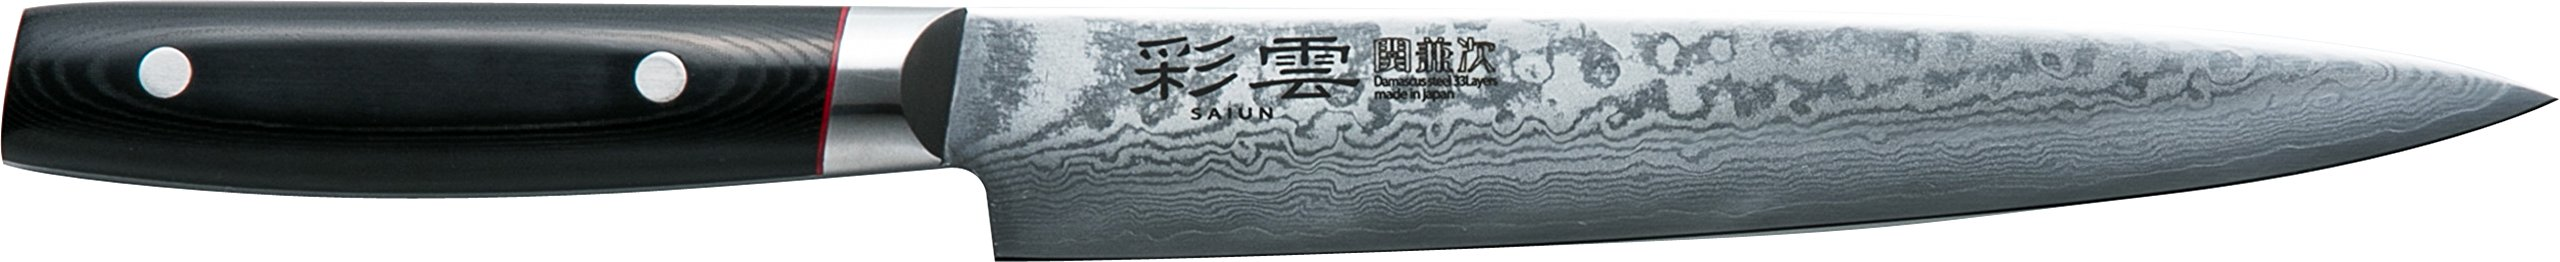 関兼次 Seki Kenji Hamono Japanese Knife ''Saiun'' Damascus Steel Stainless VG-10 Made in Japan (Slicer 210mm) Made in Japan